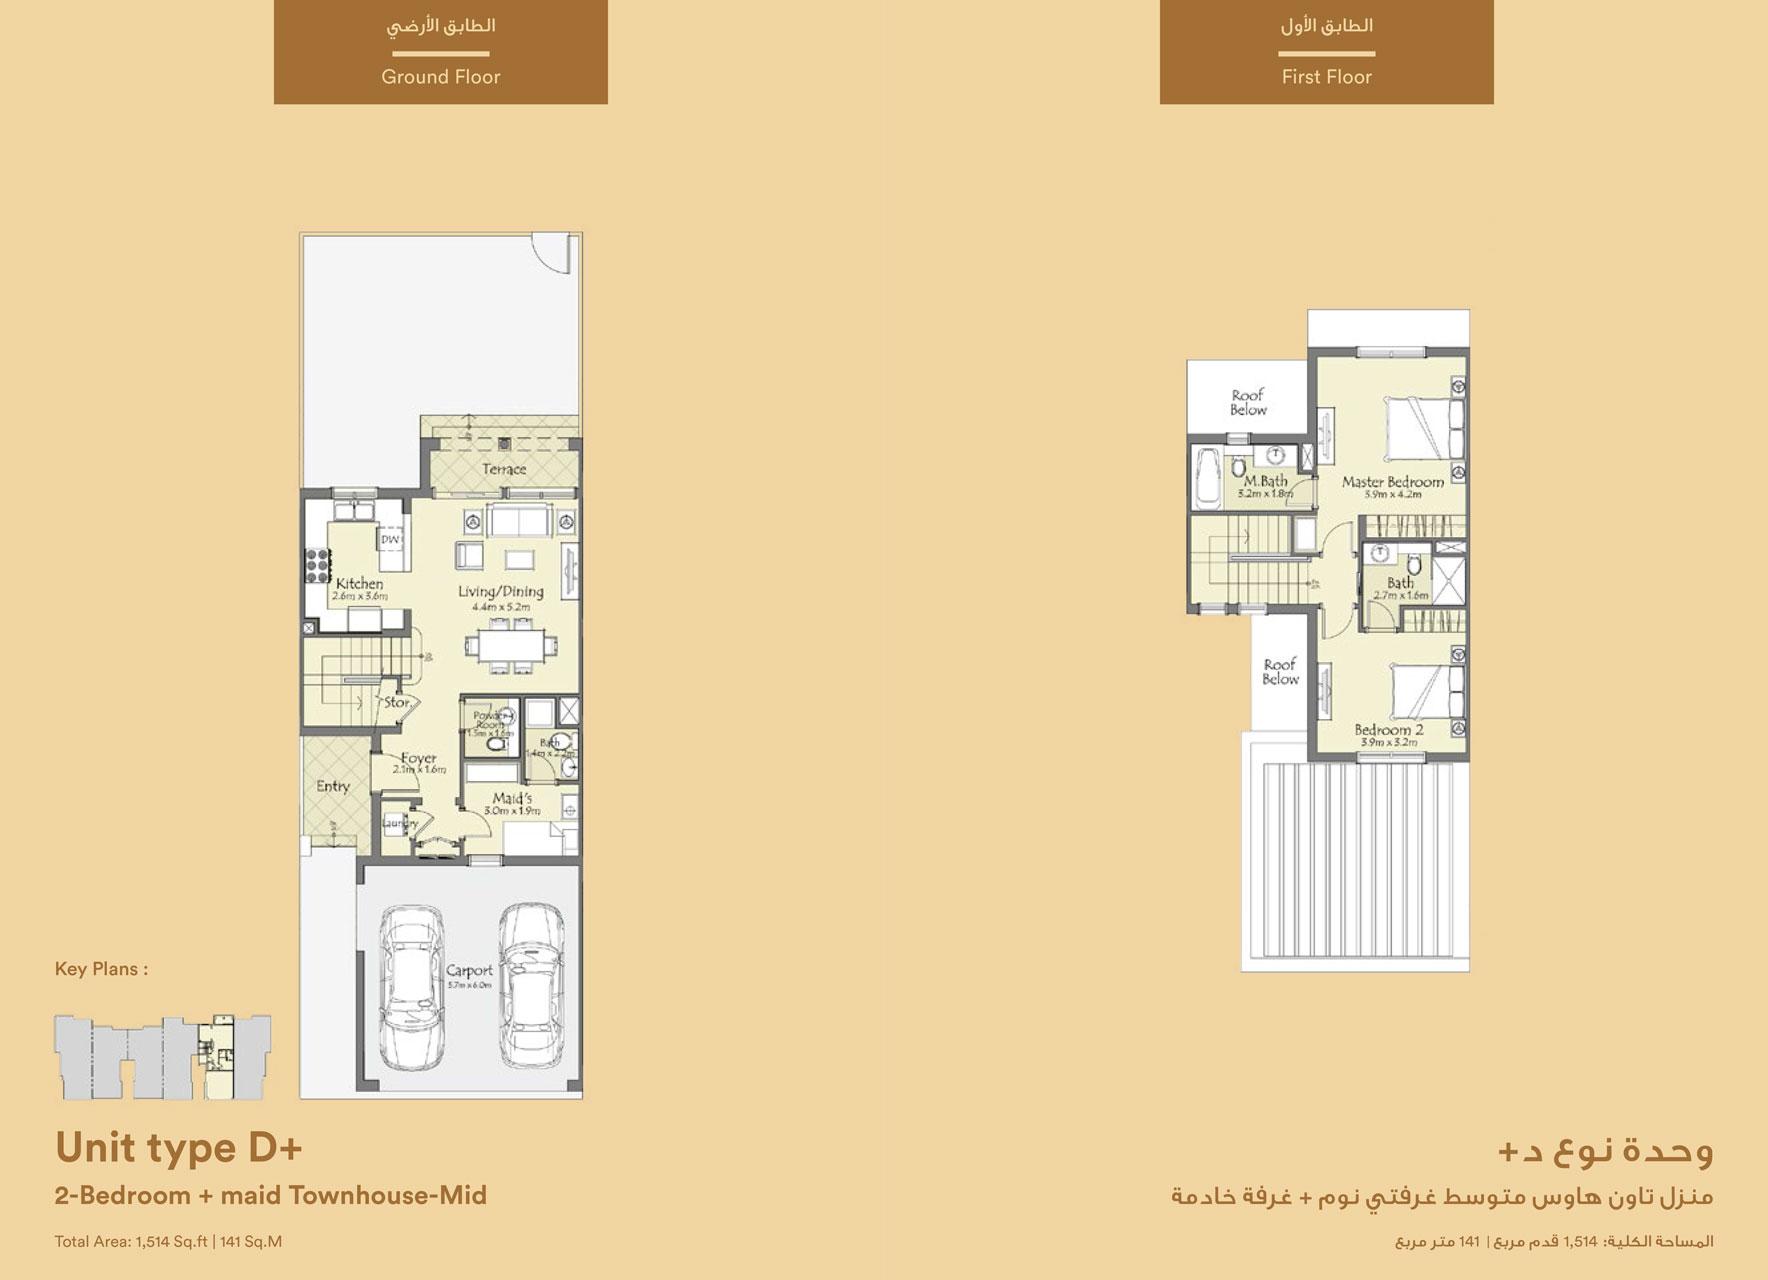 غرفتين نوع الوحدة - D